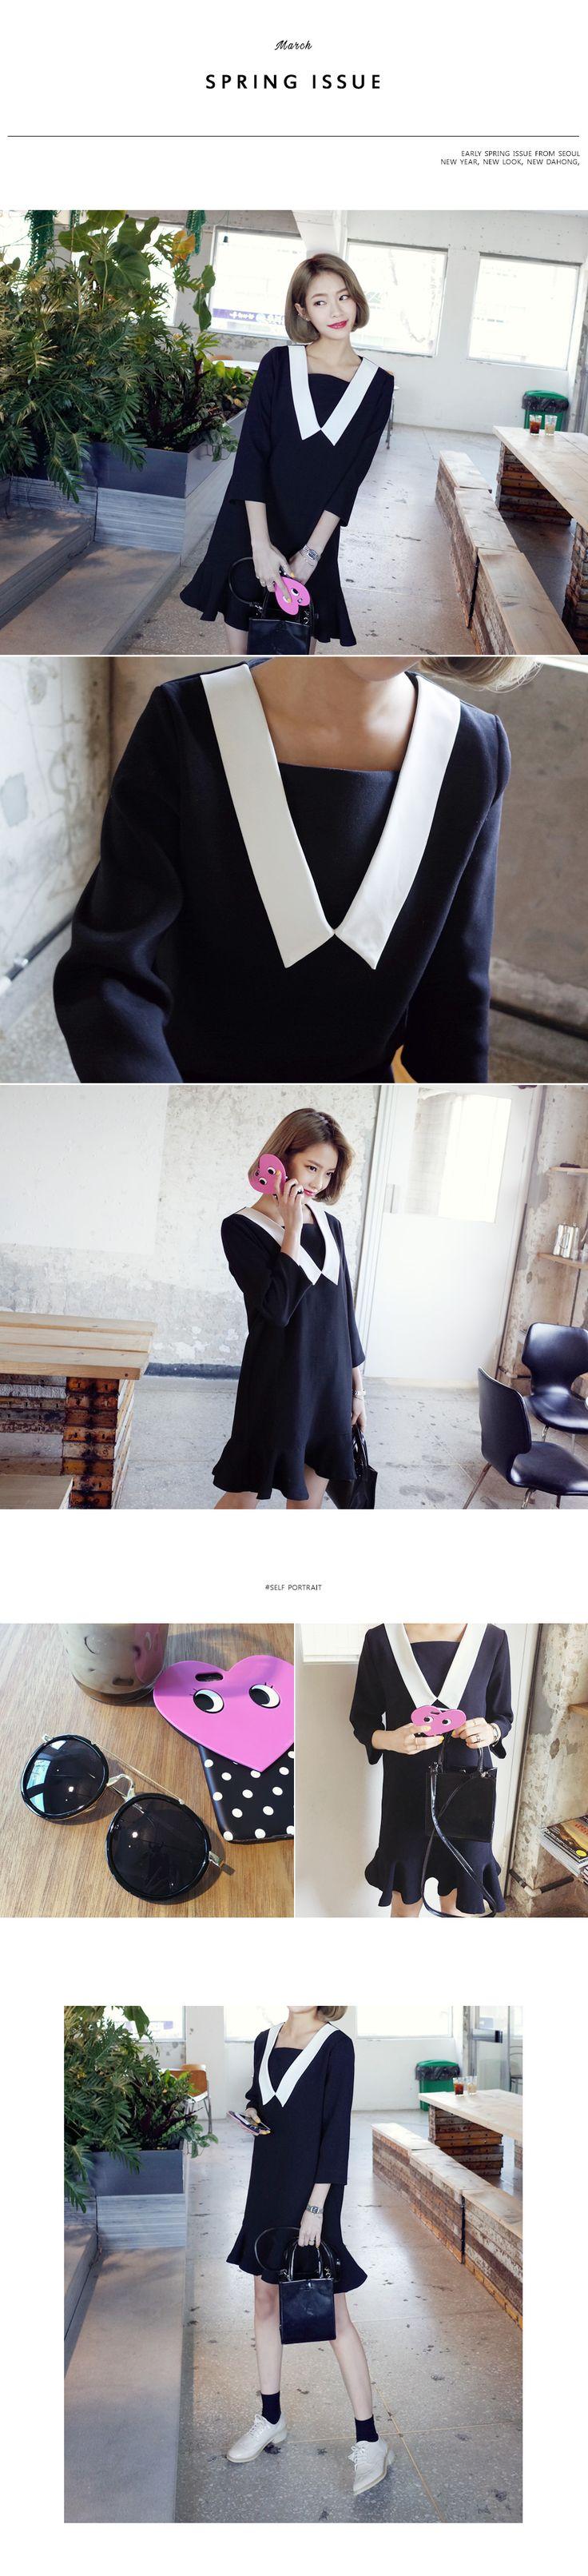 【时尚起义】韩国代购女装2016春夏韩版荷叶边少女连衣裙688246-淘宝网全球站